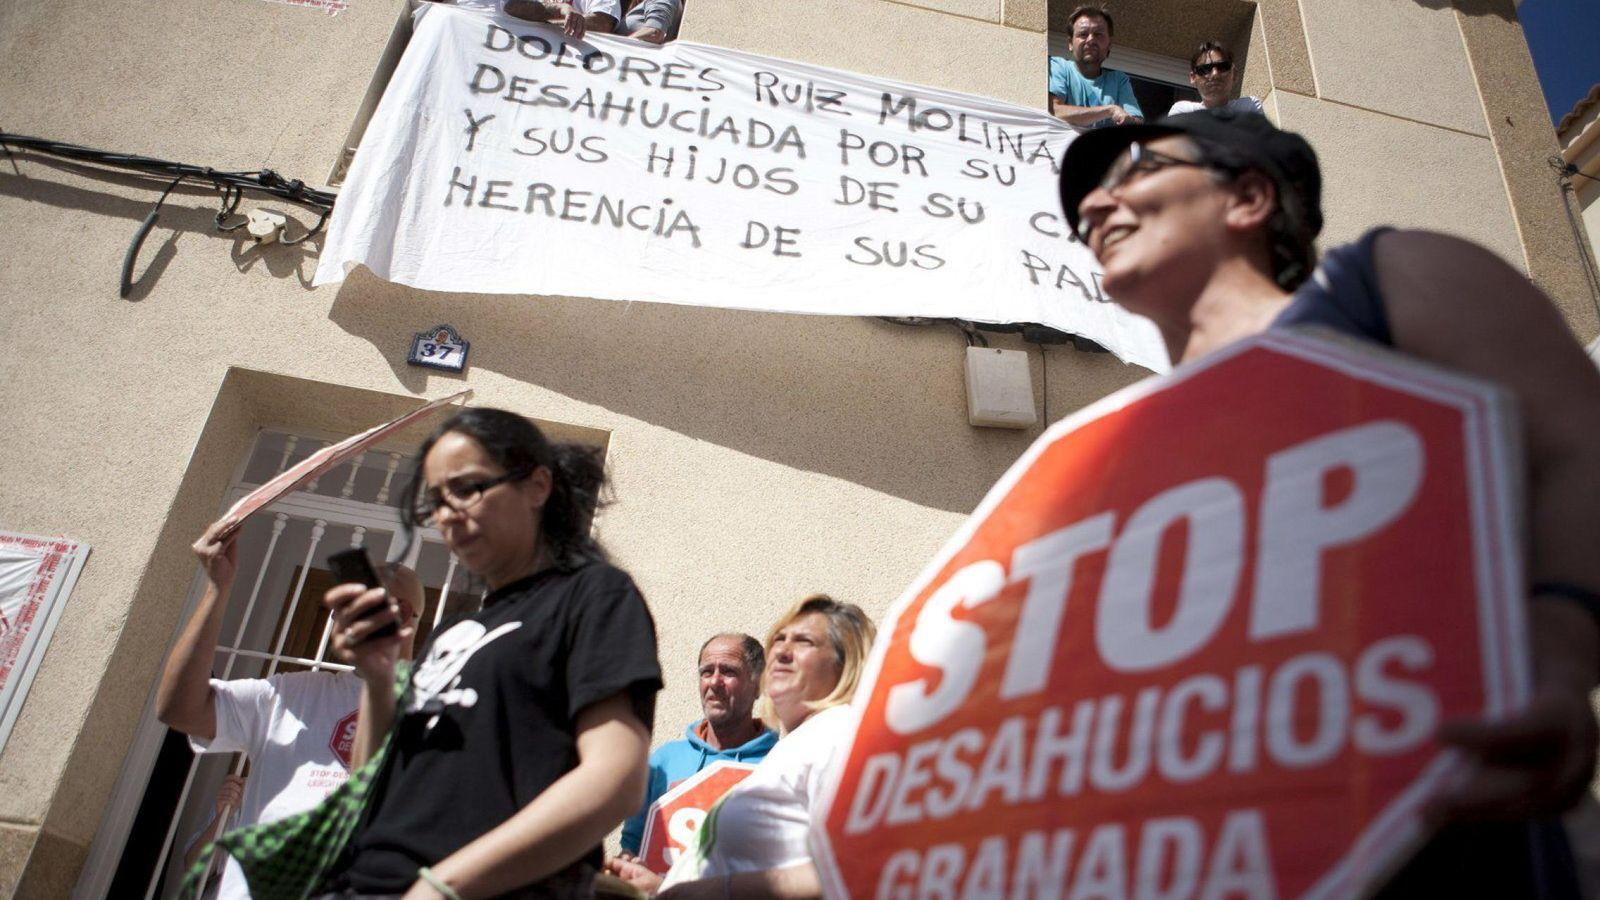 Foto: Manifestación antidesahucios. (EFE)